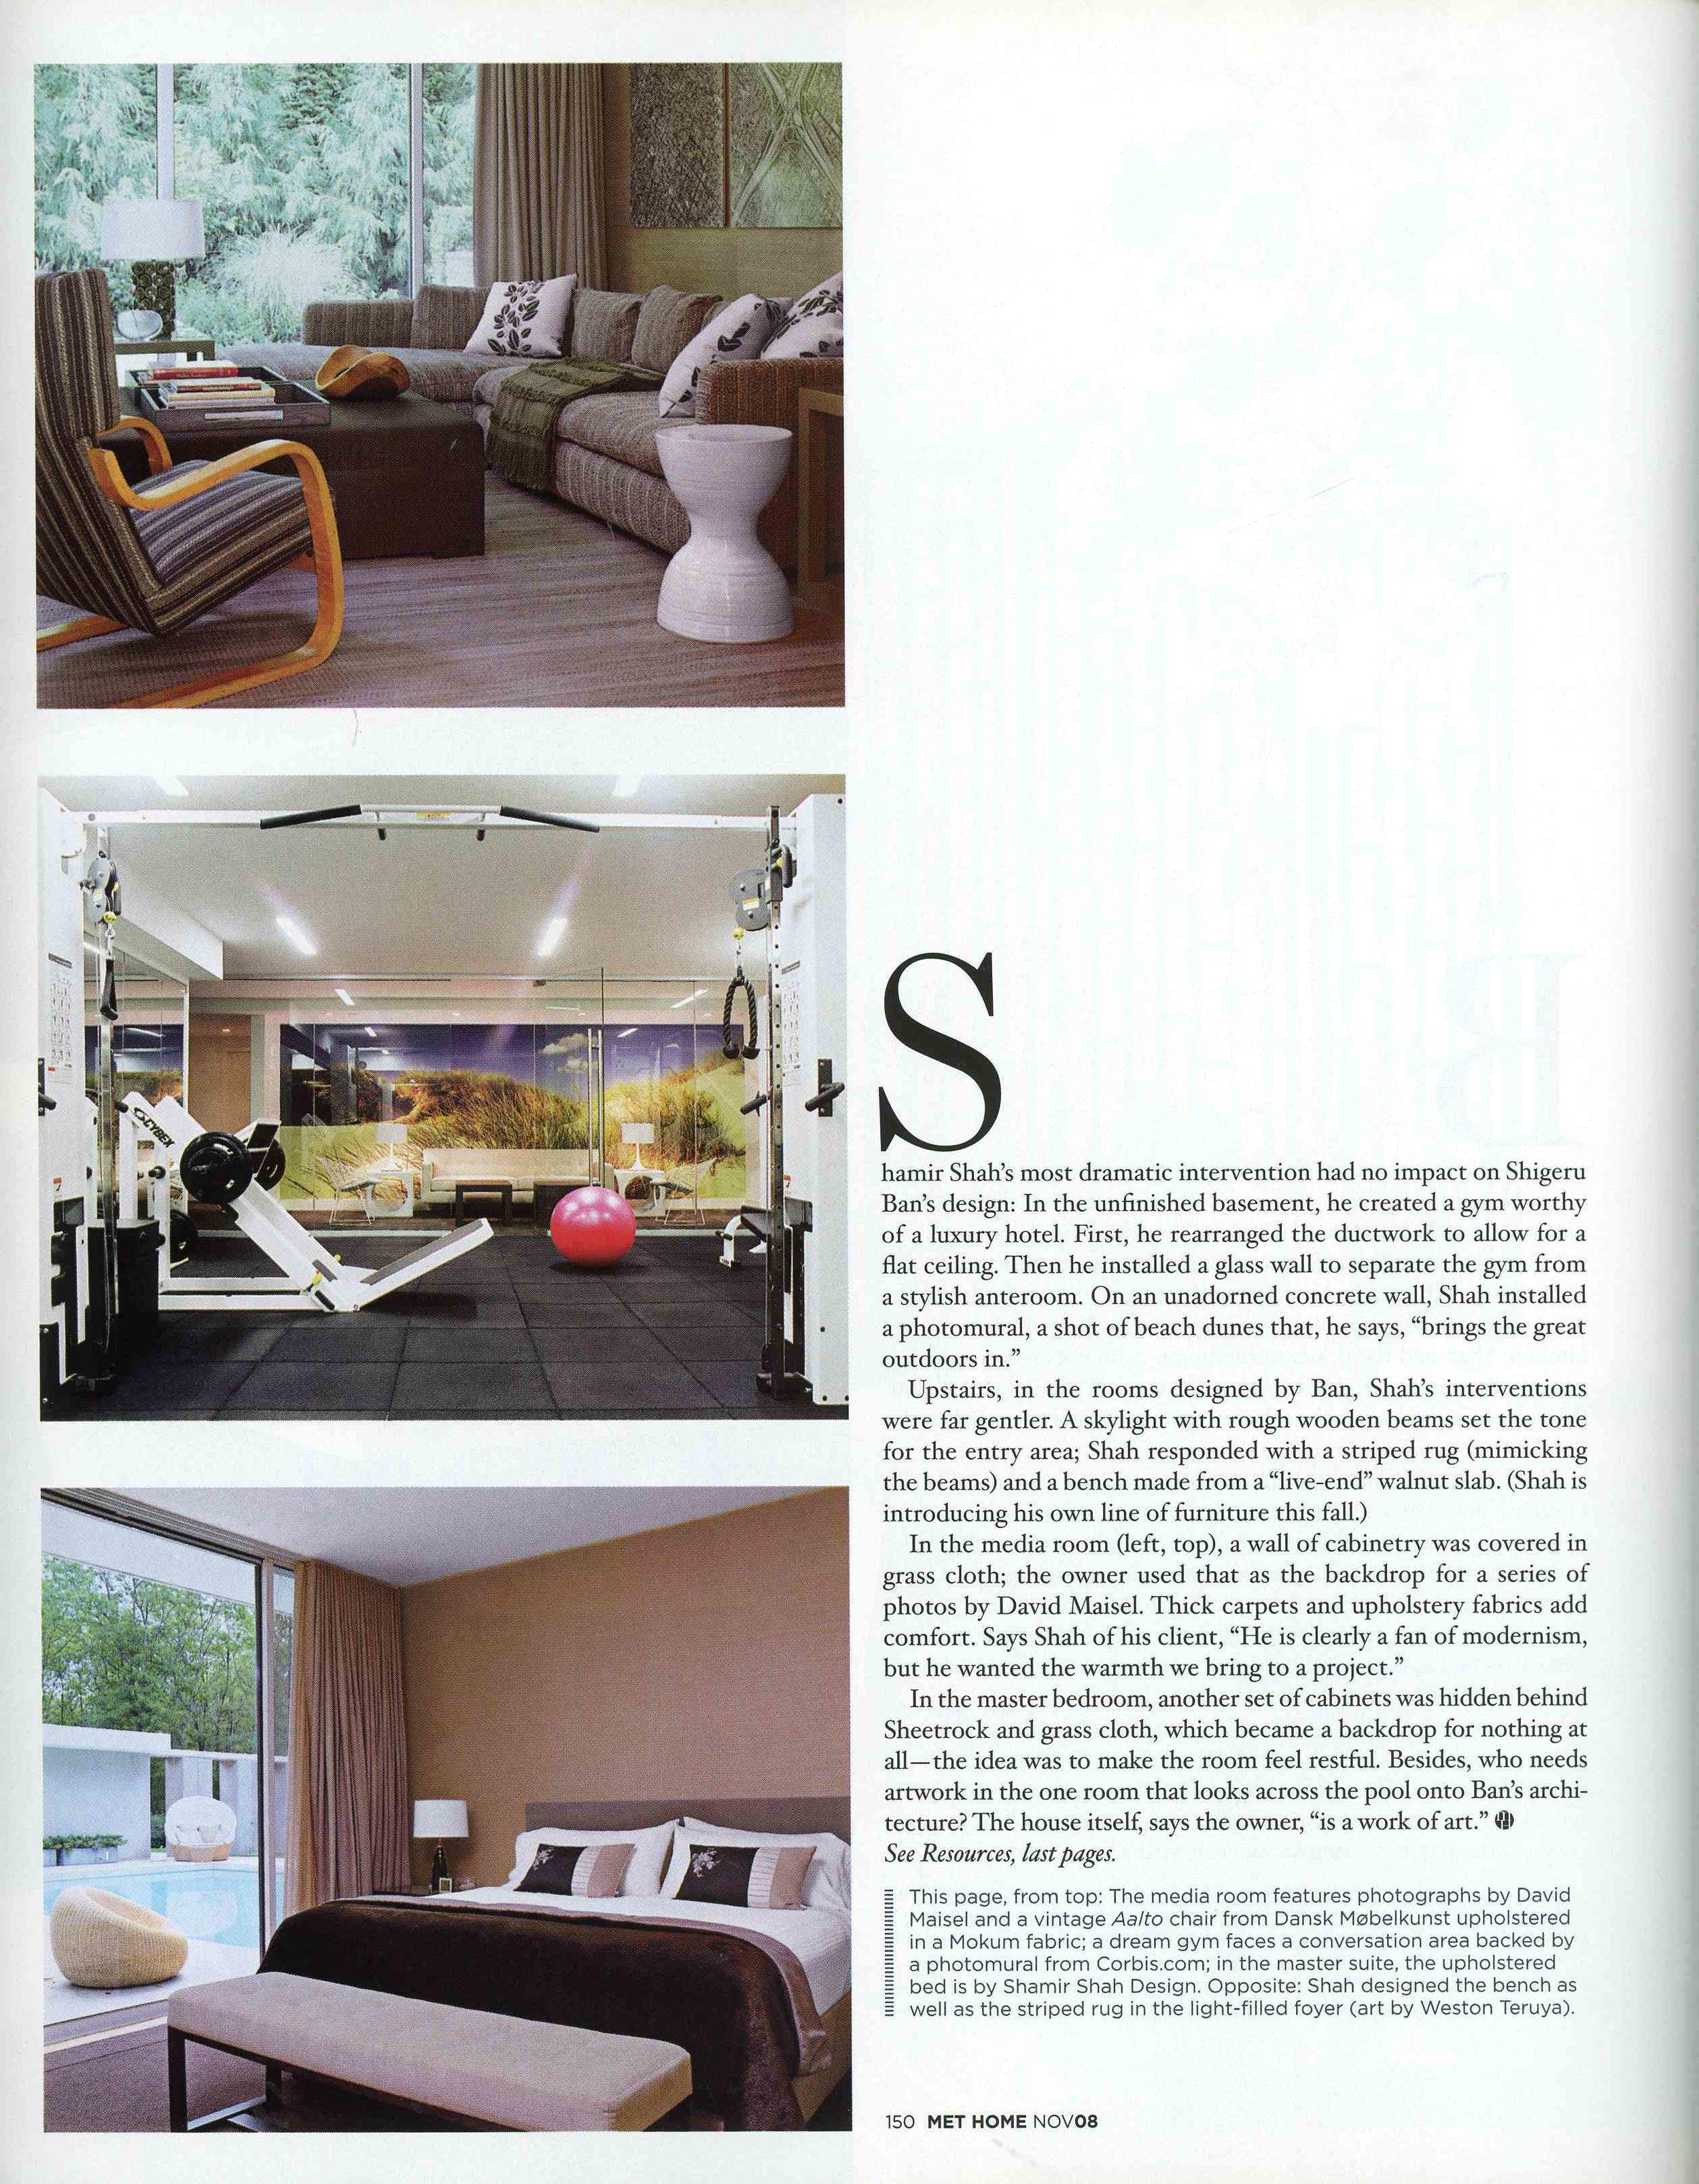 Met Home_Nov 08_Hamptons House_Full Article_Page_10.jpg